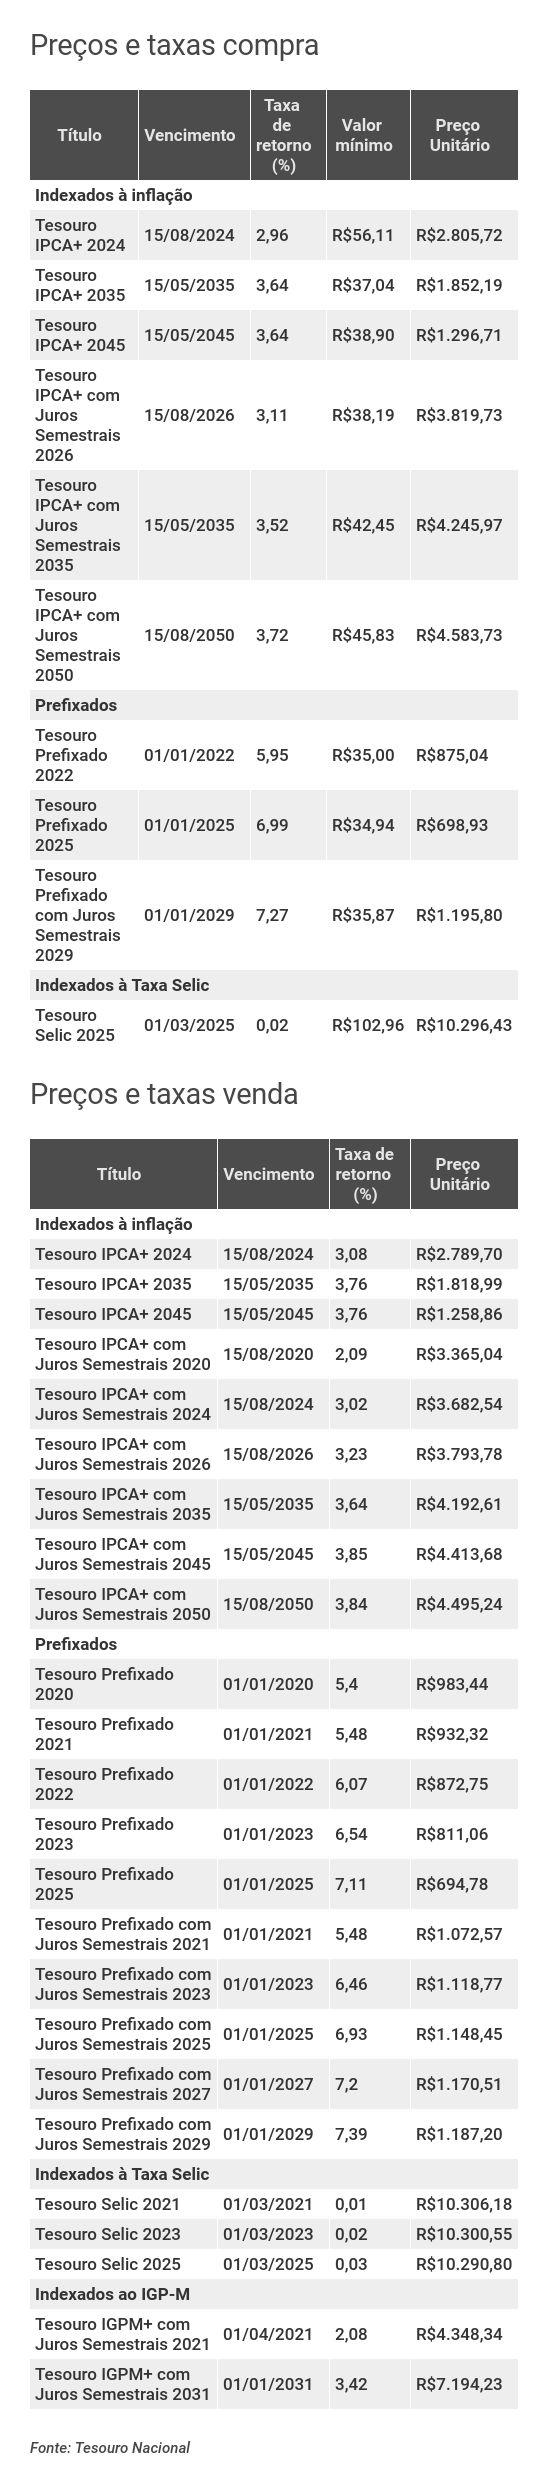 Preços e taxas do Tesouro Direto em 6 de setembro de 2019